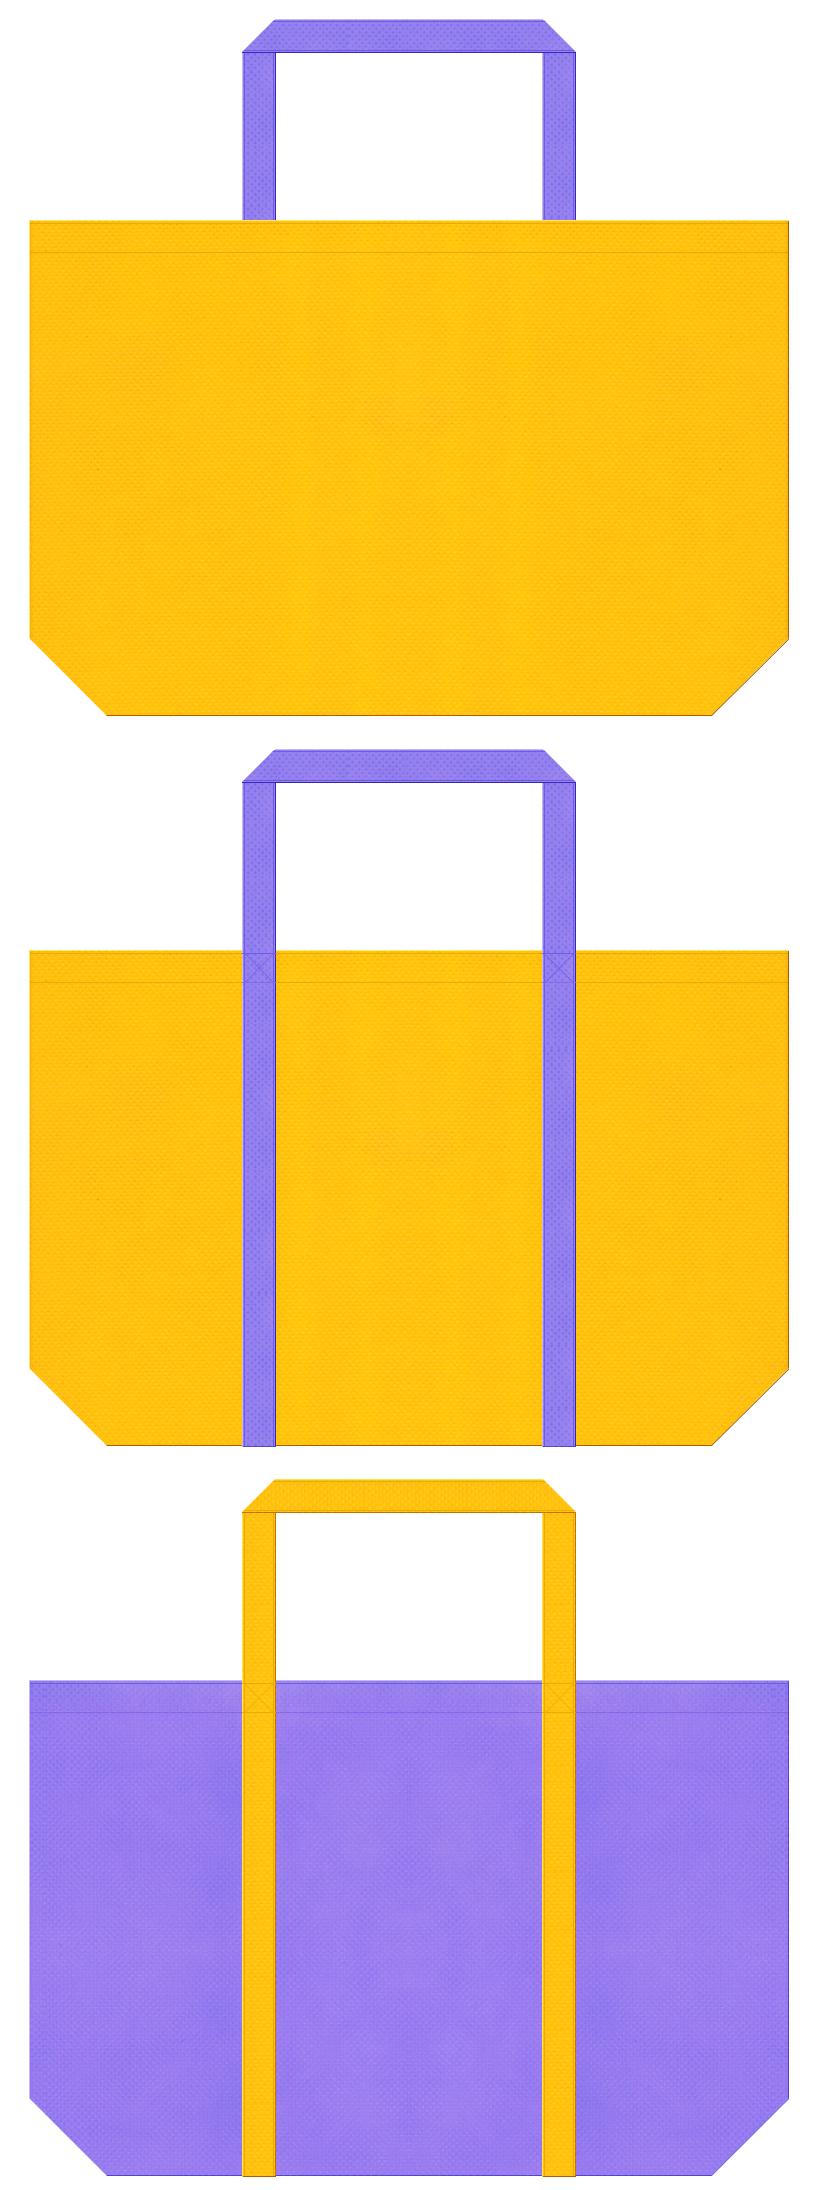 黄色と薄紫色の不織布バッグデザイン。遊園地・ゲーム・おもちゃのショッピングバッグにお奨めです。